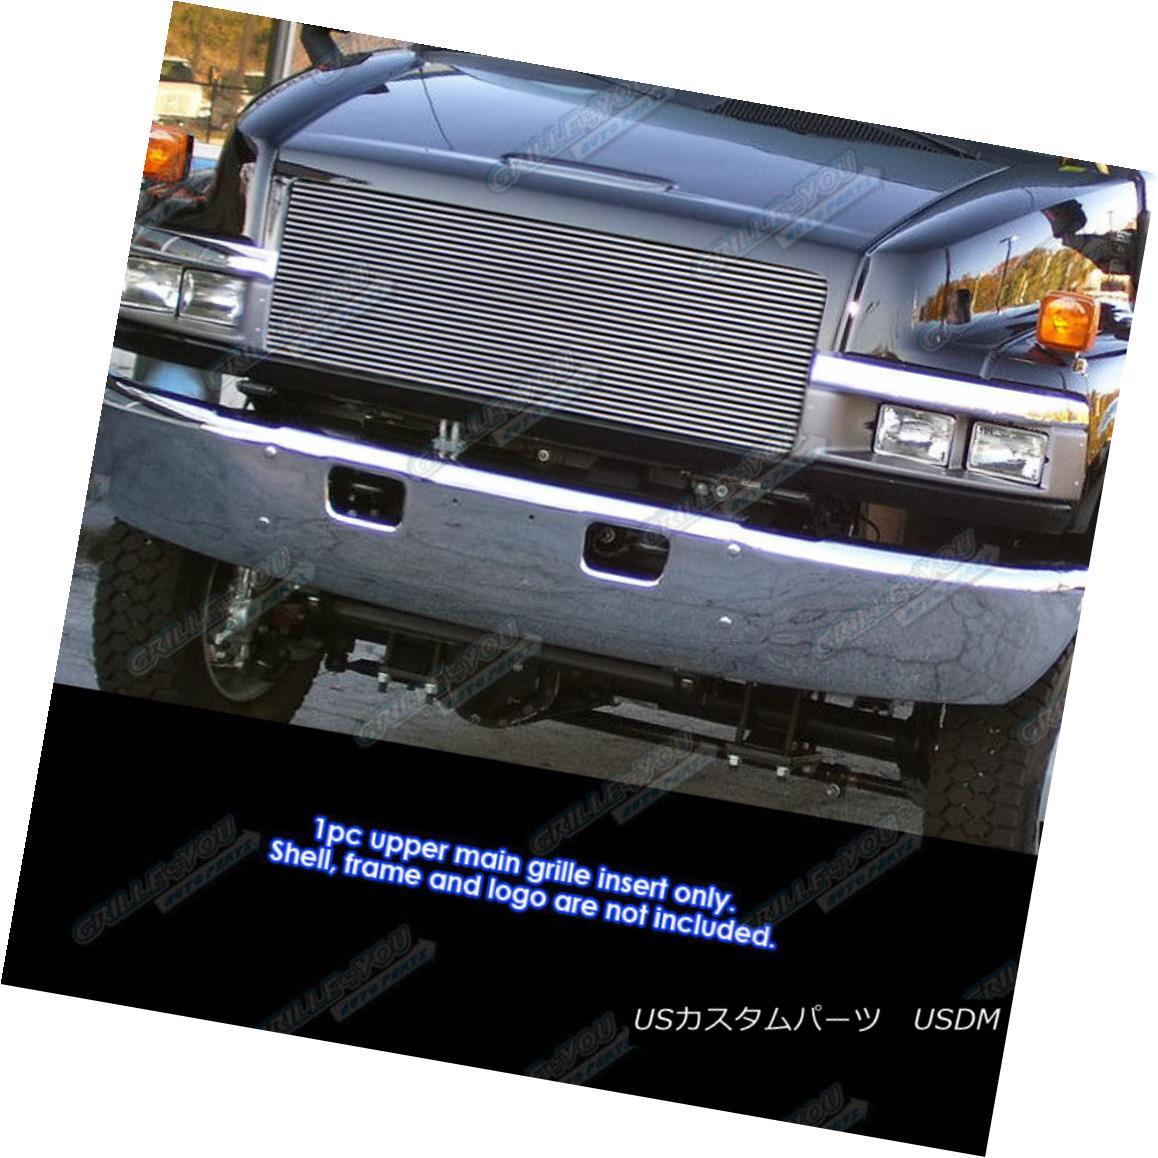 グリル 2003-2009 Chevy Kodiak C4500/C5500/C6500 Commercial Truck Billet Grille Insert 2003-2009 Chevy Kodiak C4500 / C5500 / C6 500商用トラックビレットグリルインサート